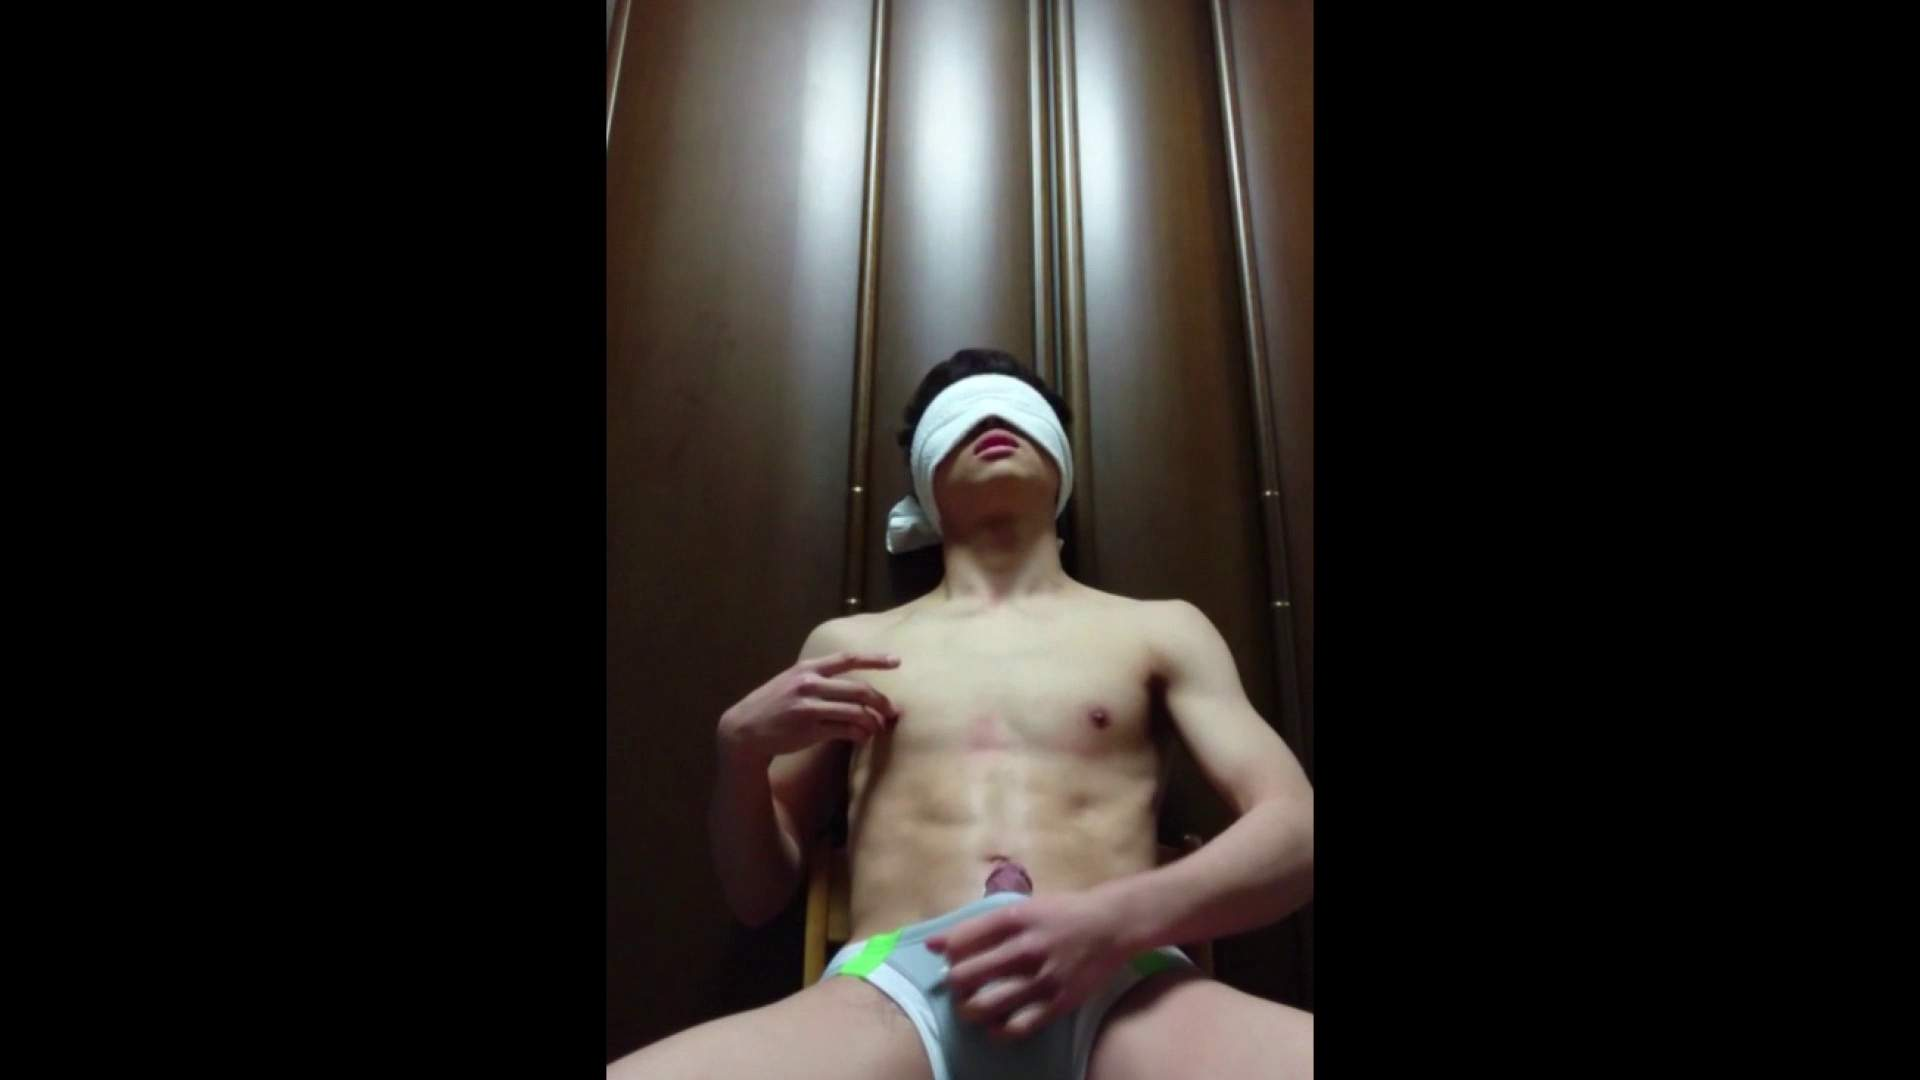 個人撮影 自慰の極意 Vol.21 ゲイのオナニー映像 ゲイセックス画像 107枚 87